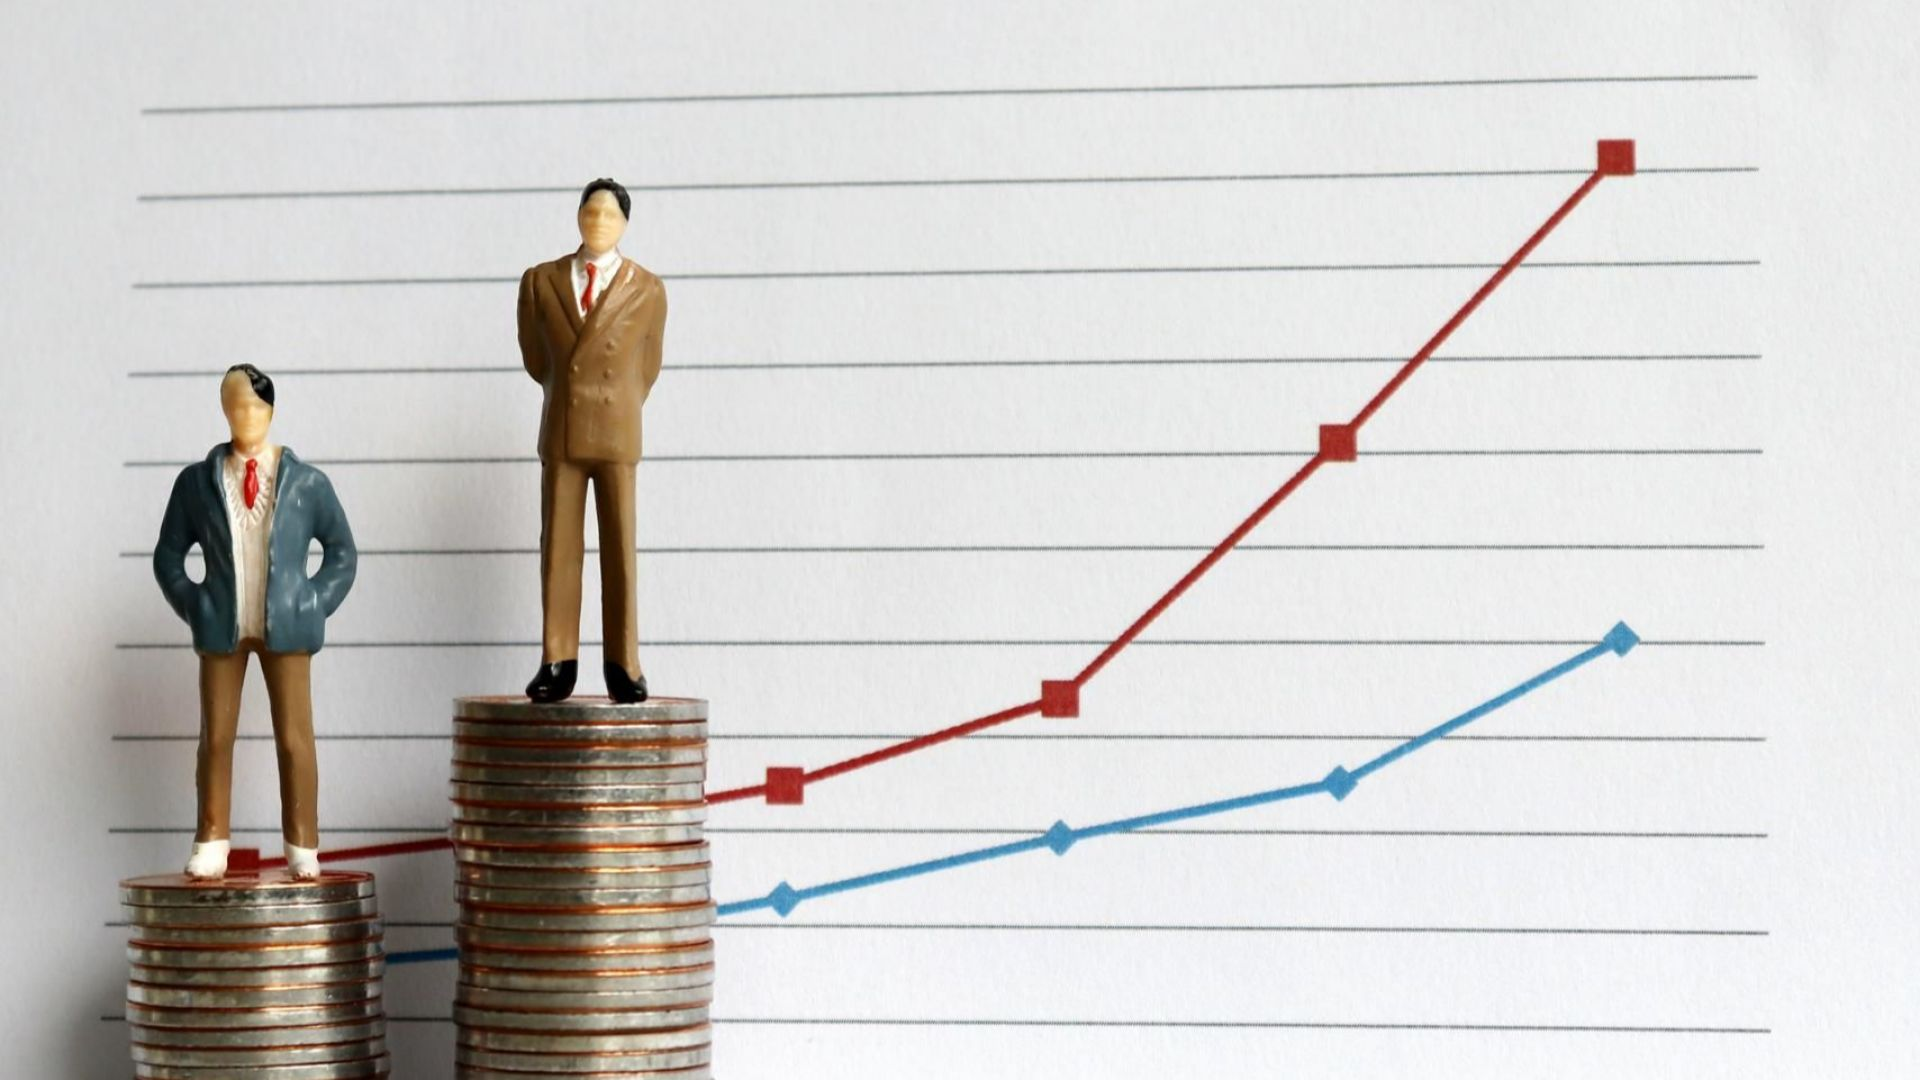 Икономисти: 50% ръст на доходите за 2 години у нас е невъзможен